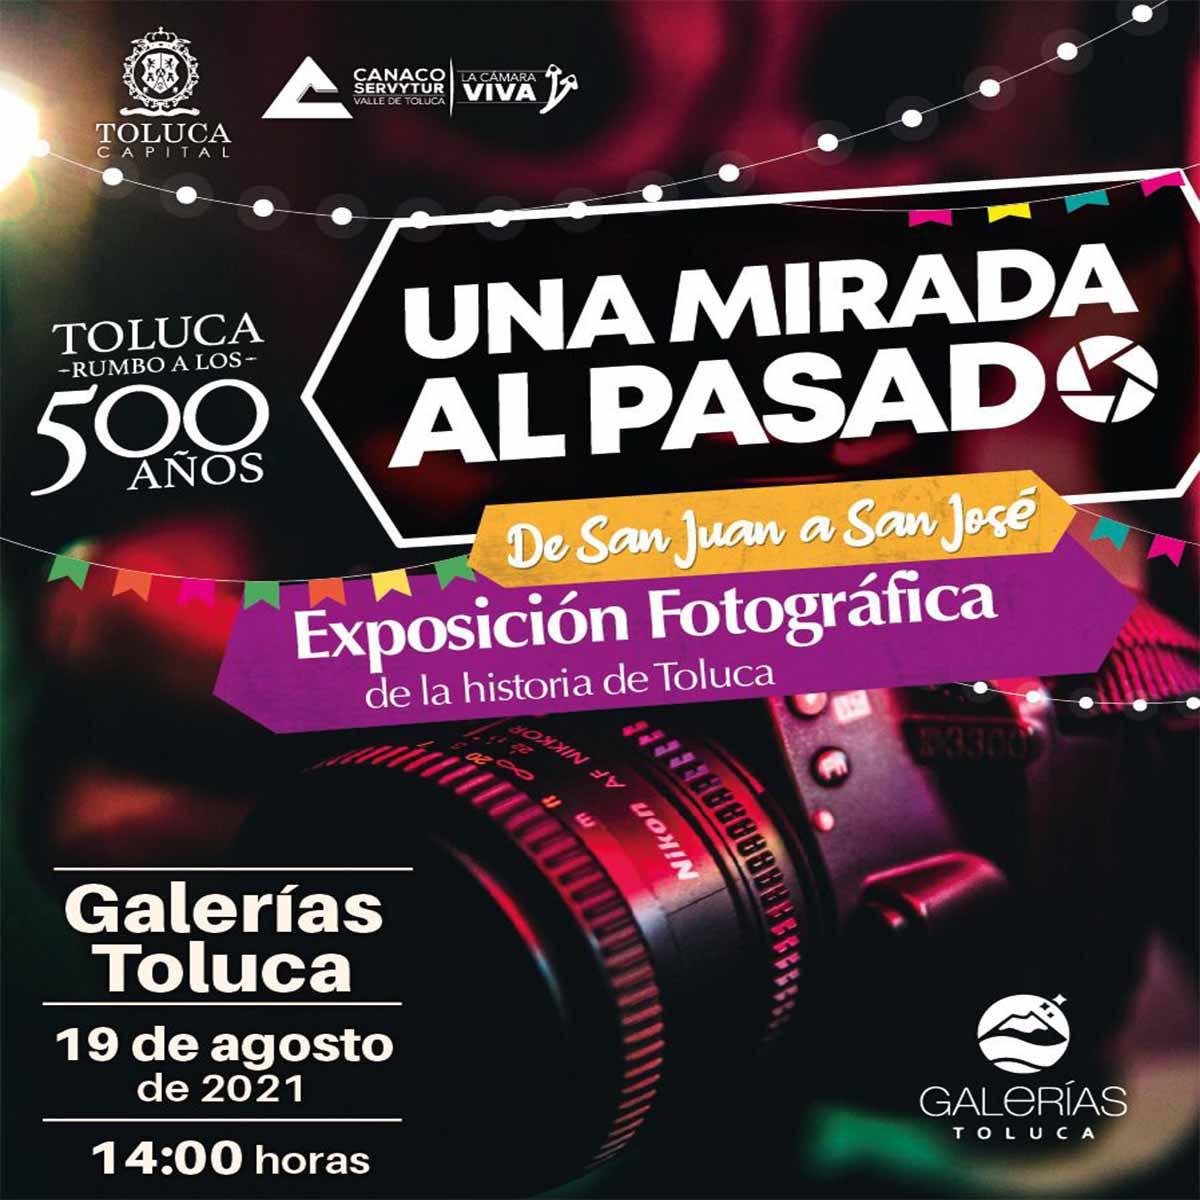 """Conoce la exposición fotográfica """"Una mirada al pasado"""" en Toluca"""